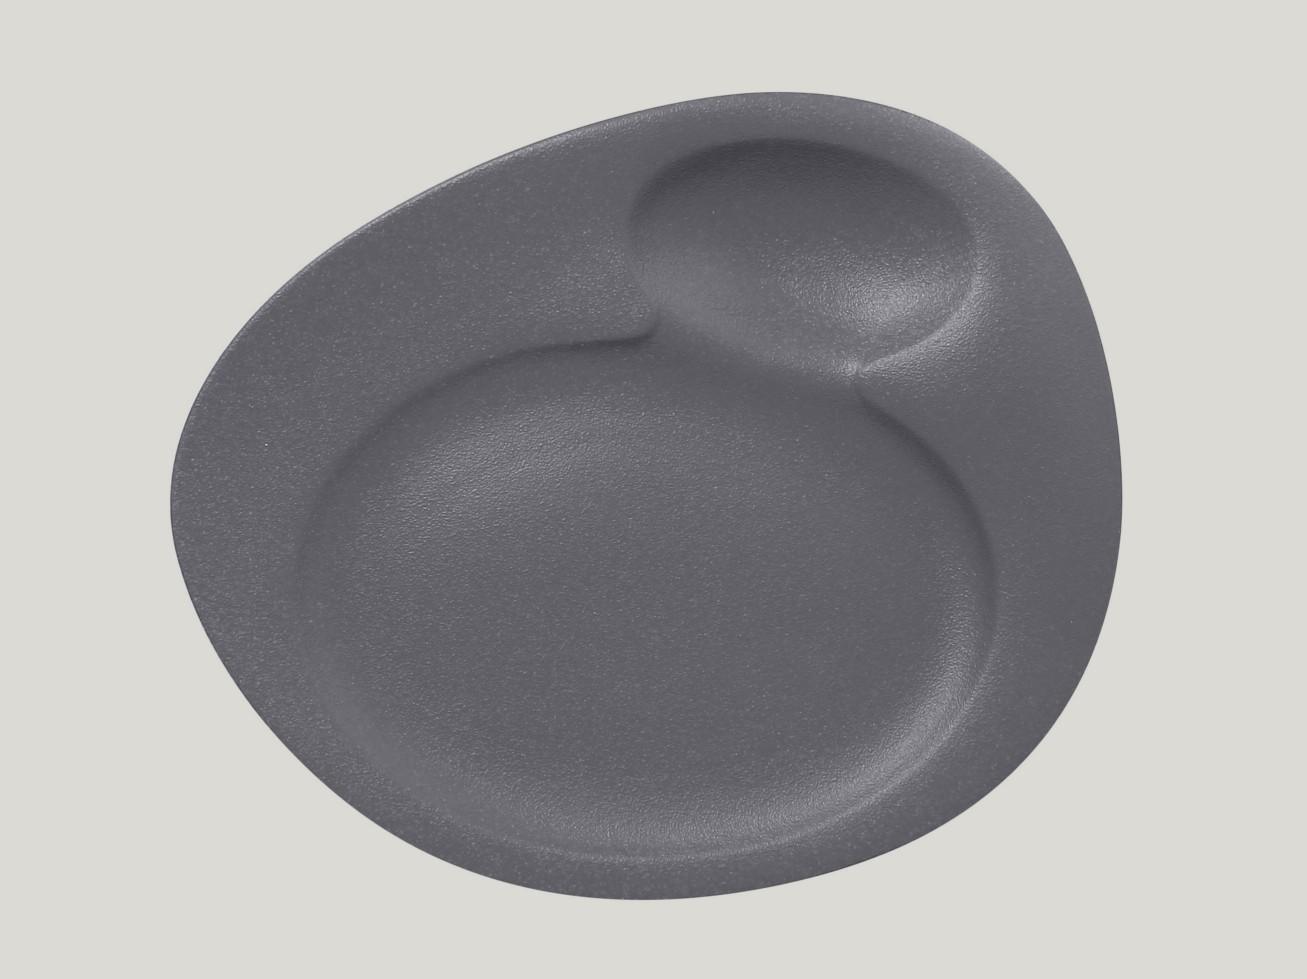 Dinner talíř - 2 basins - šedá Neofusion